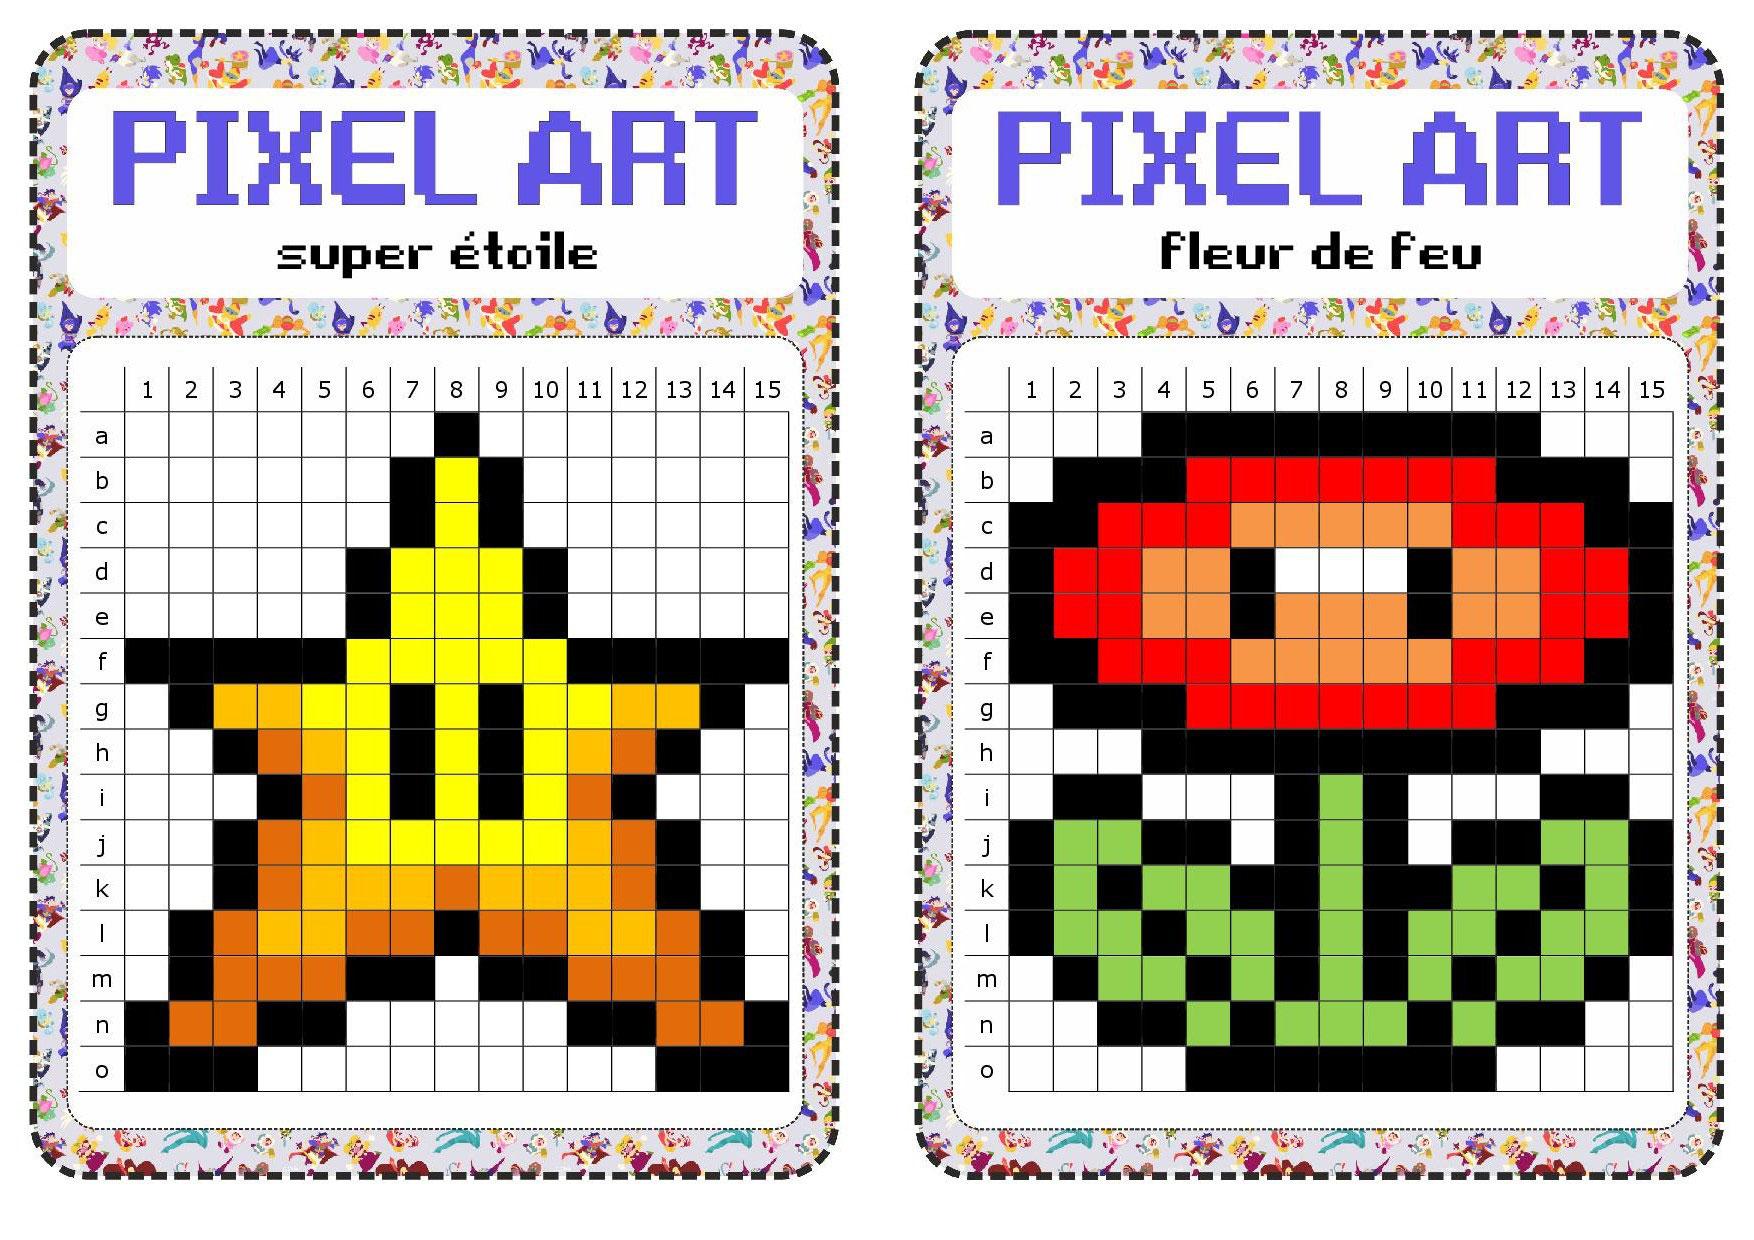 Atelier Libre : Pixel Art - Fiches De Préparations (Cycle1 encequiconcerne Reproduction Sur Quadrillage Ce2